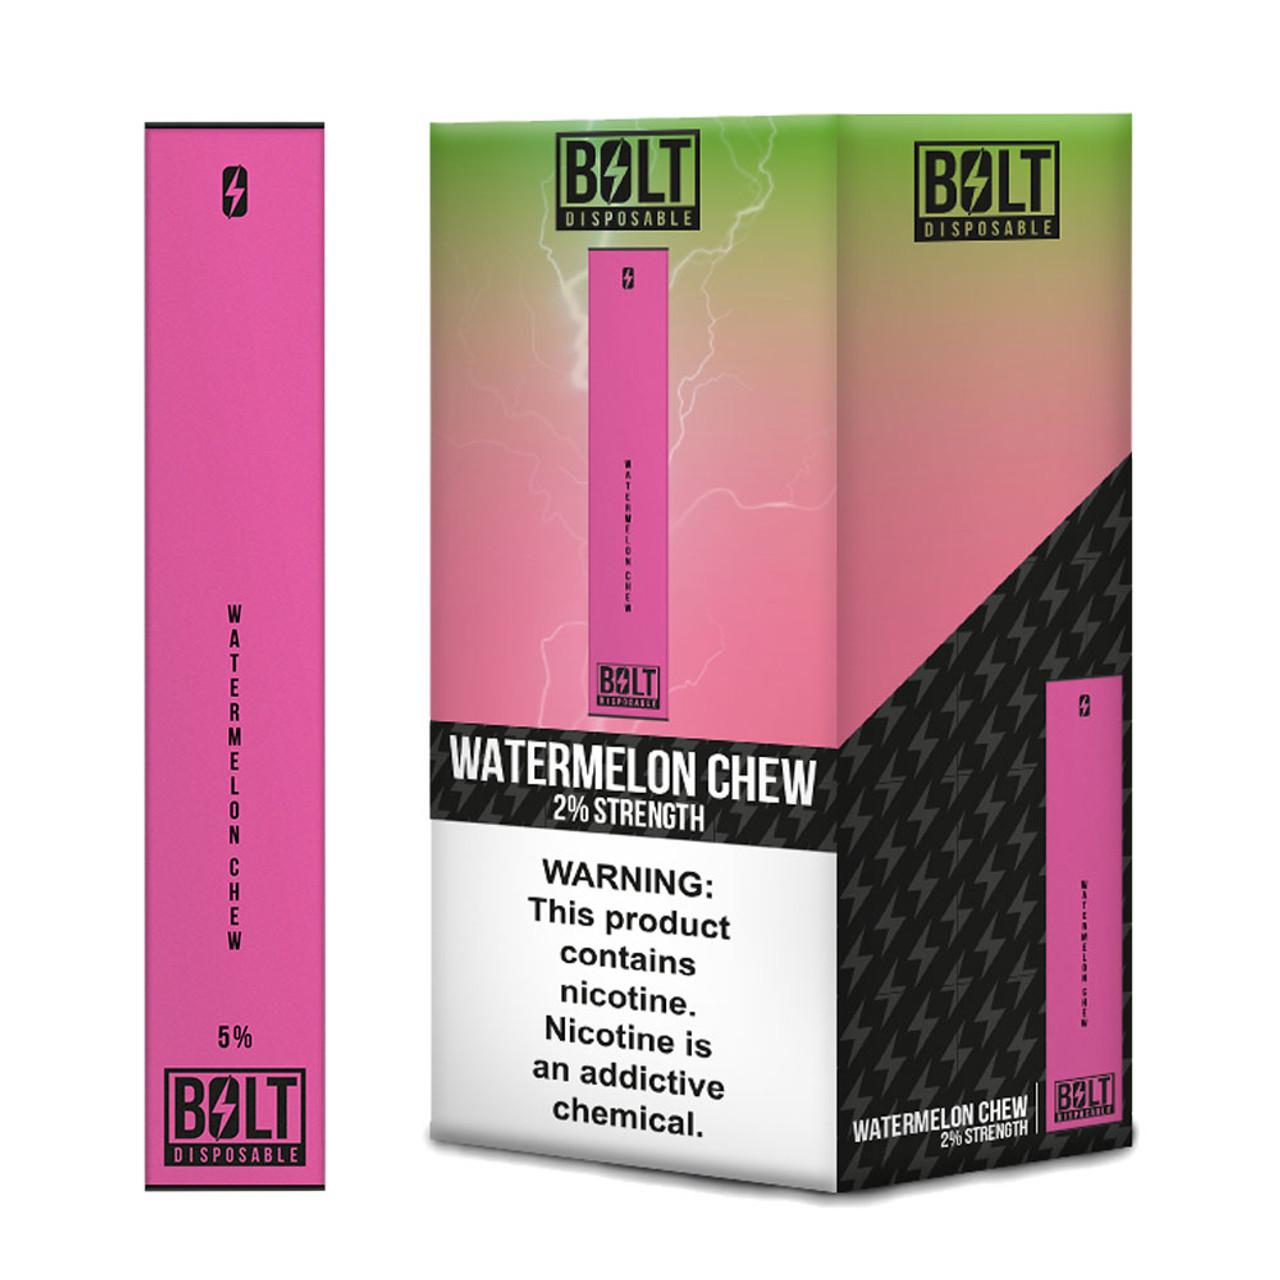 BOLT Disposable Stick Review